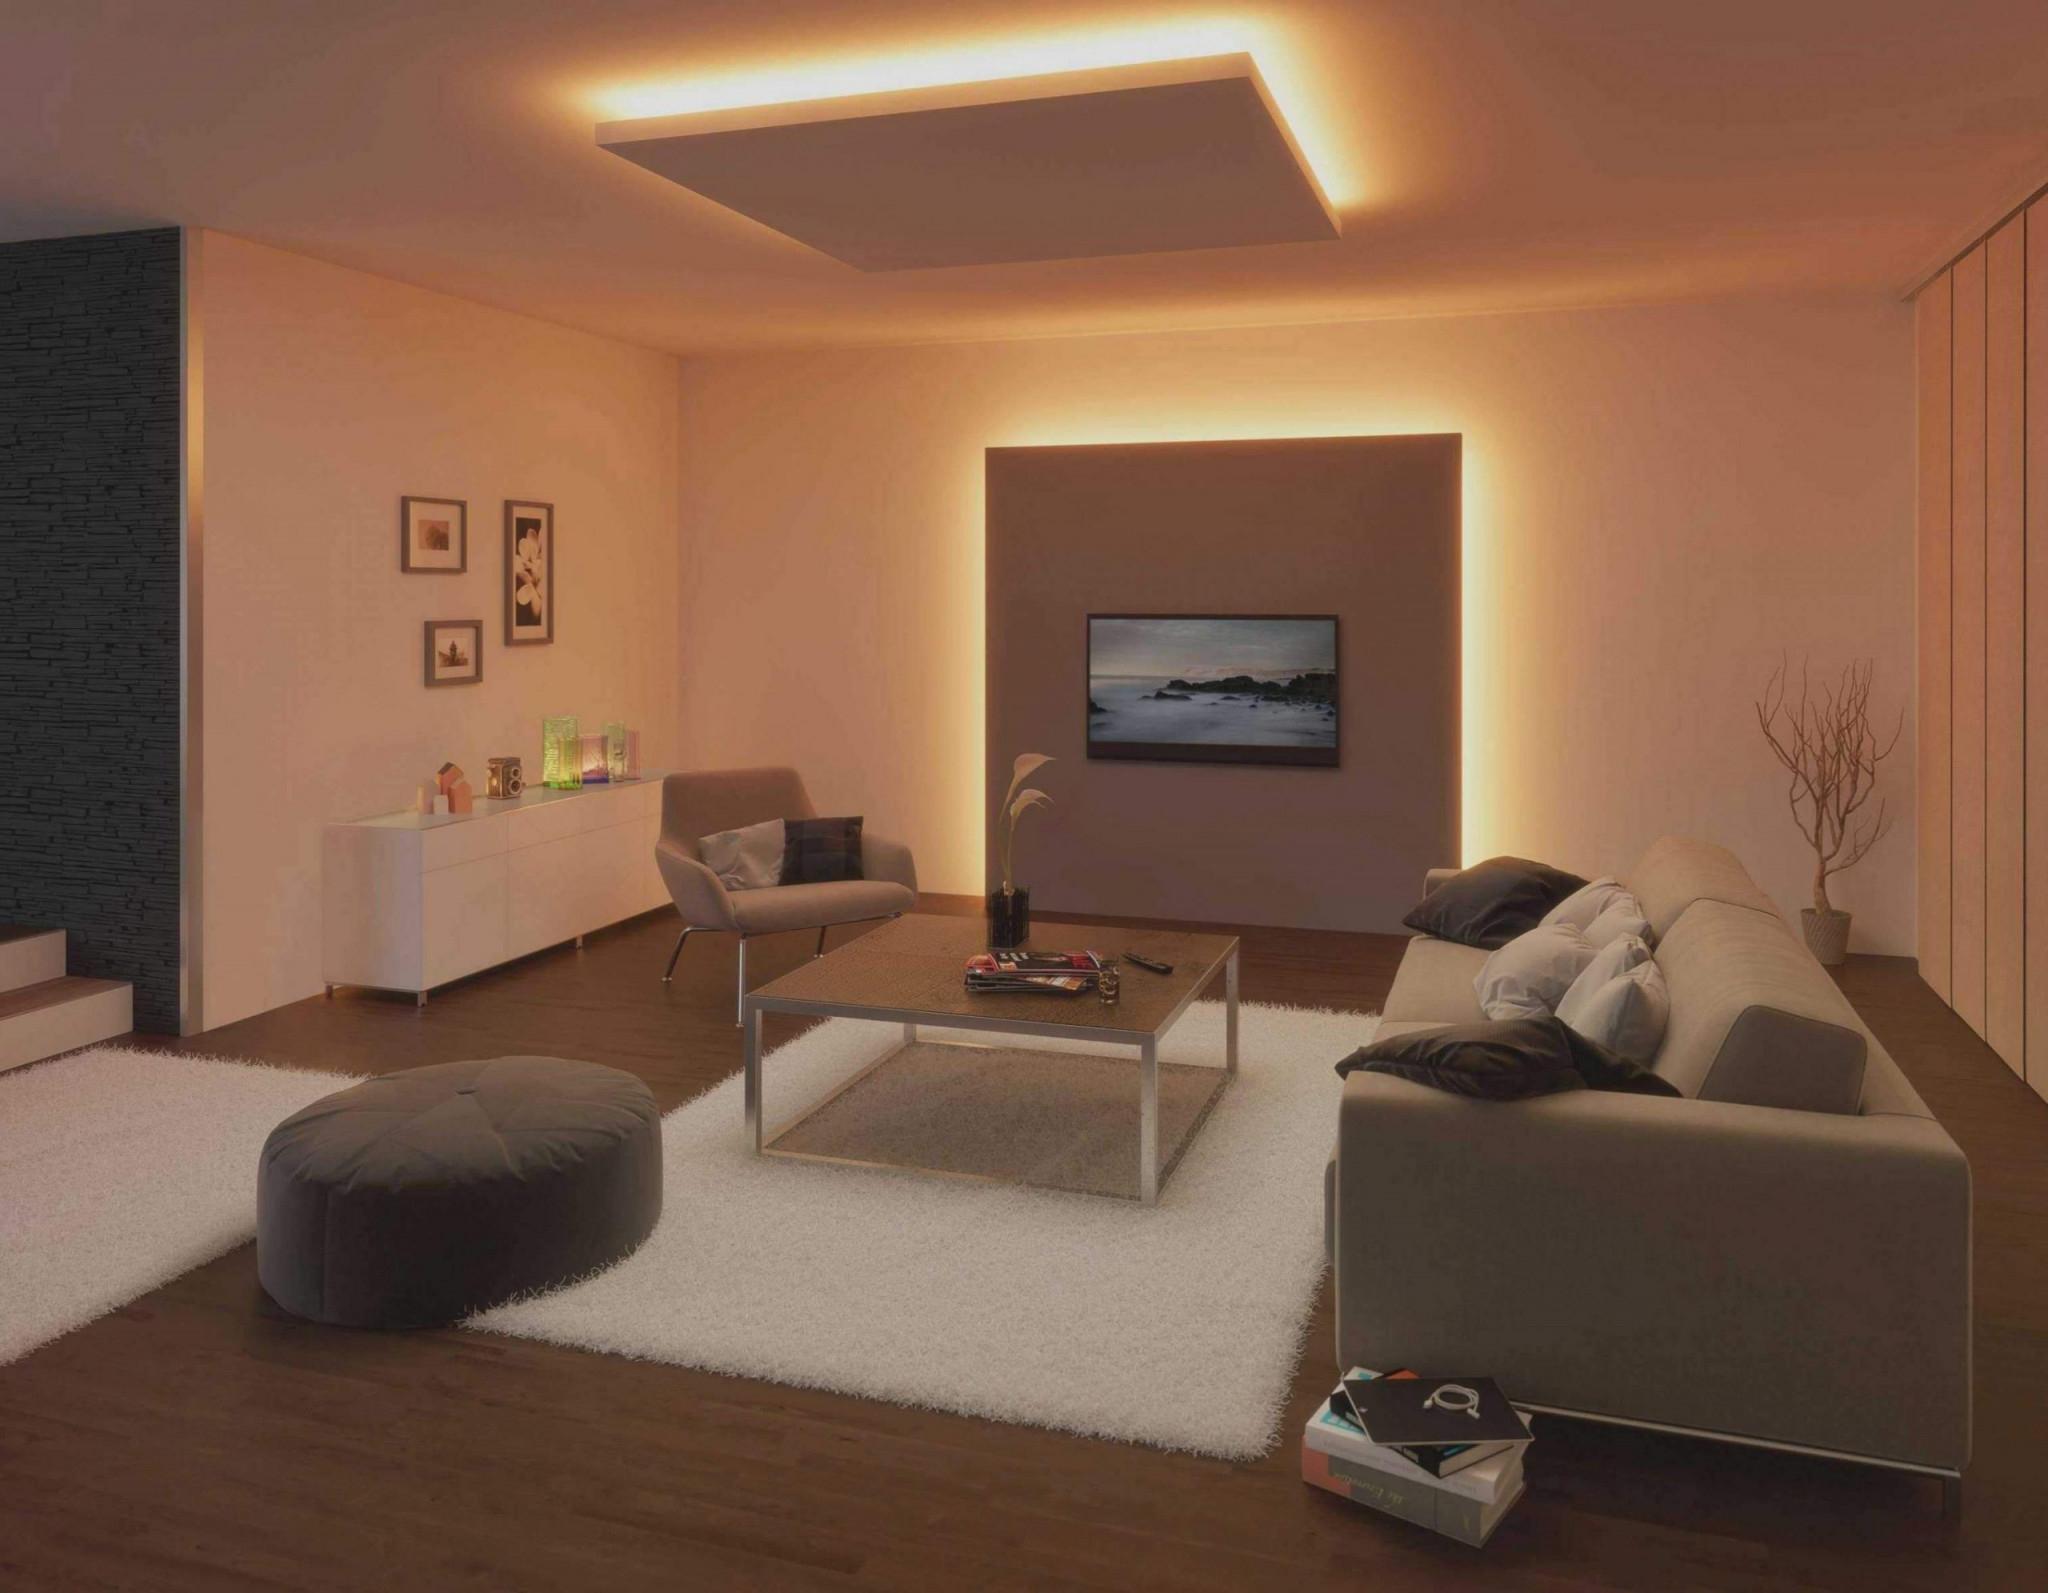 Kleine Wohnzimmer Modern Einrichten Luxus 50 Tolle Von von Kleine Wohnzimmer Modern Einrichten Bild